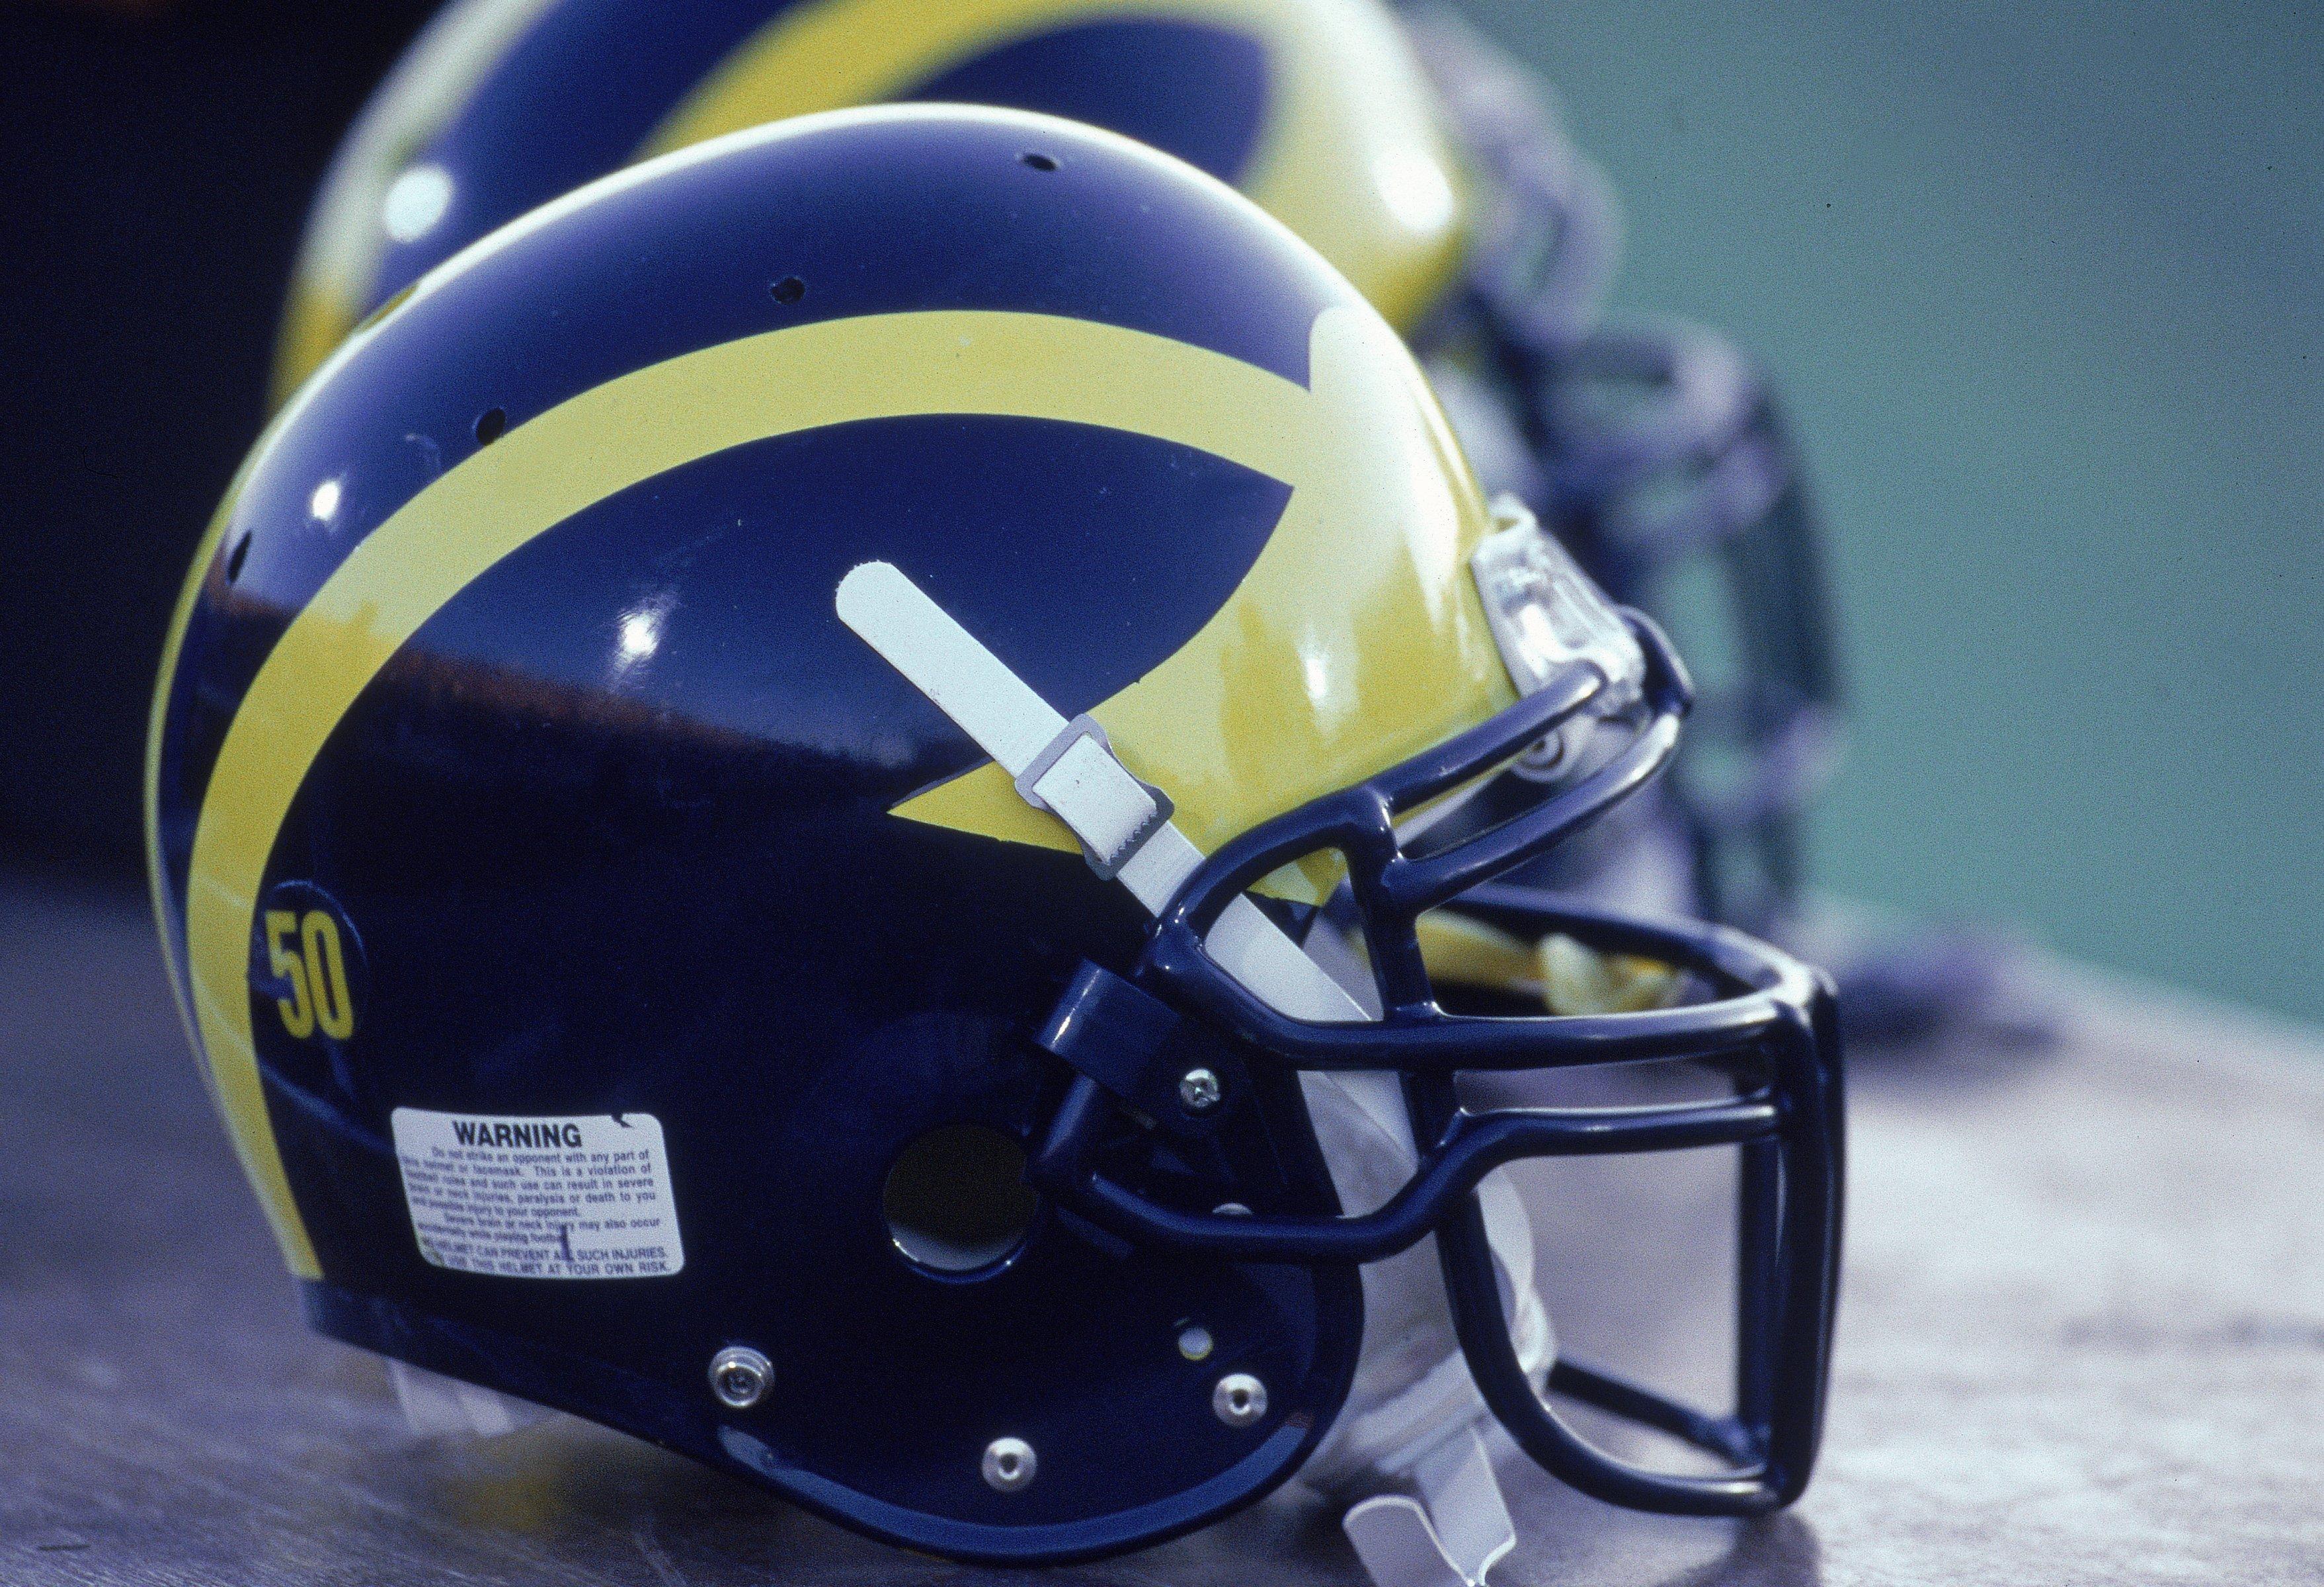 View of Helmet